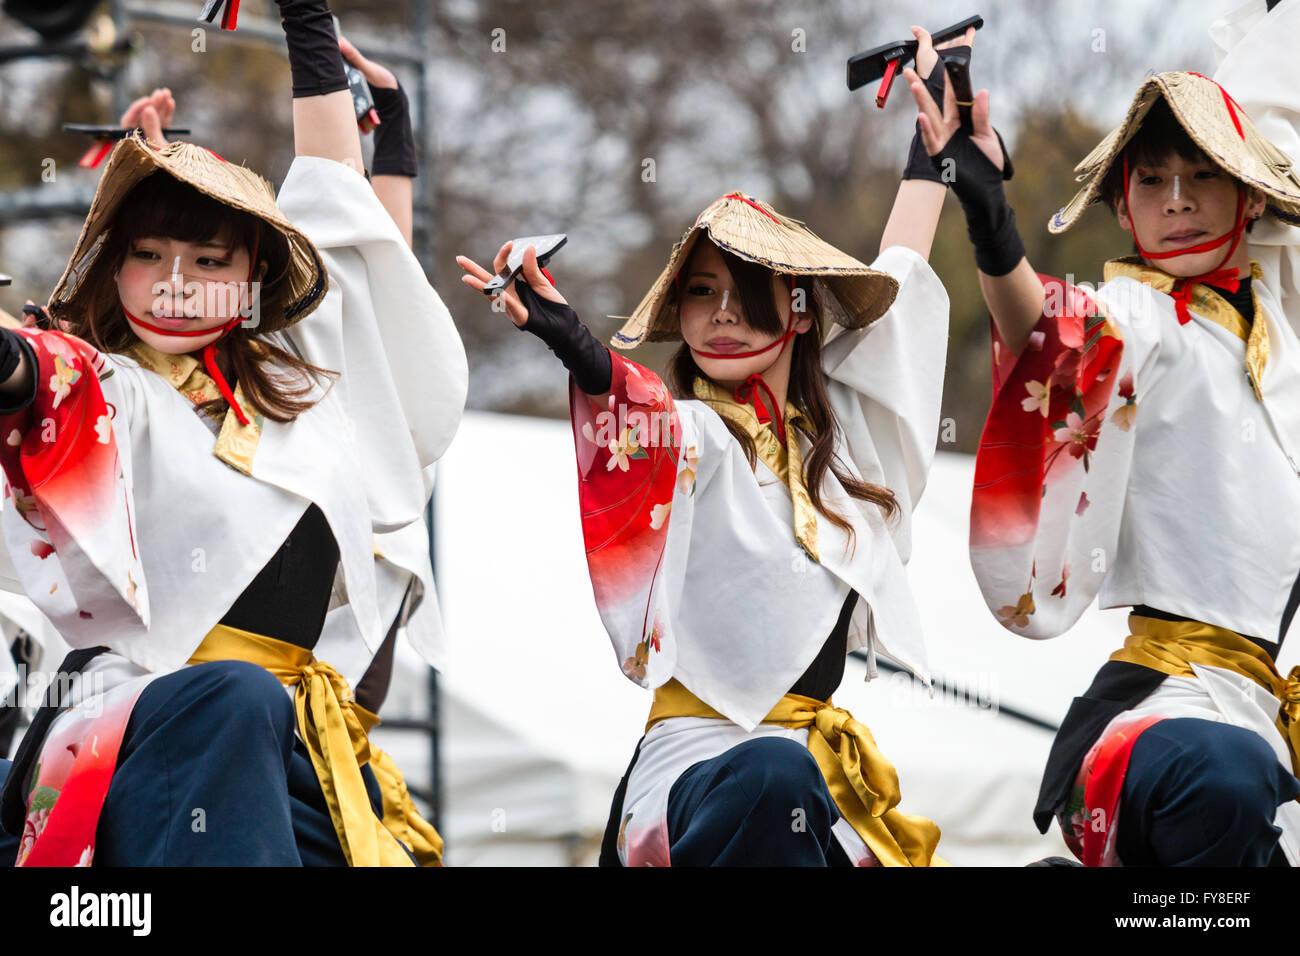 Japanese Sex Festival